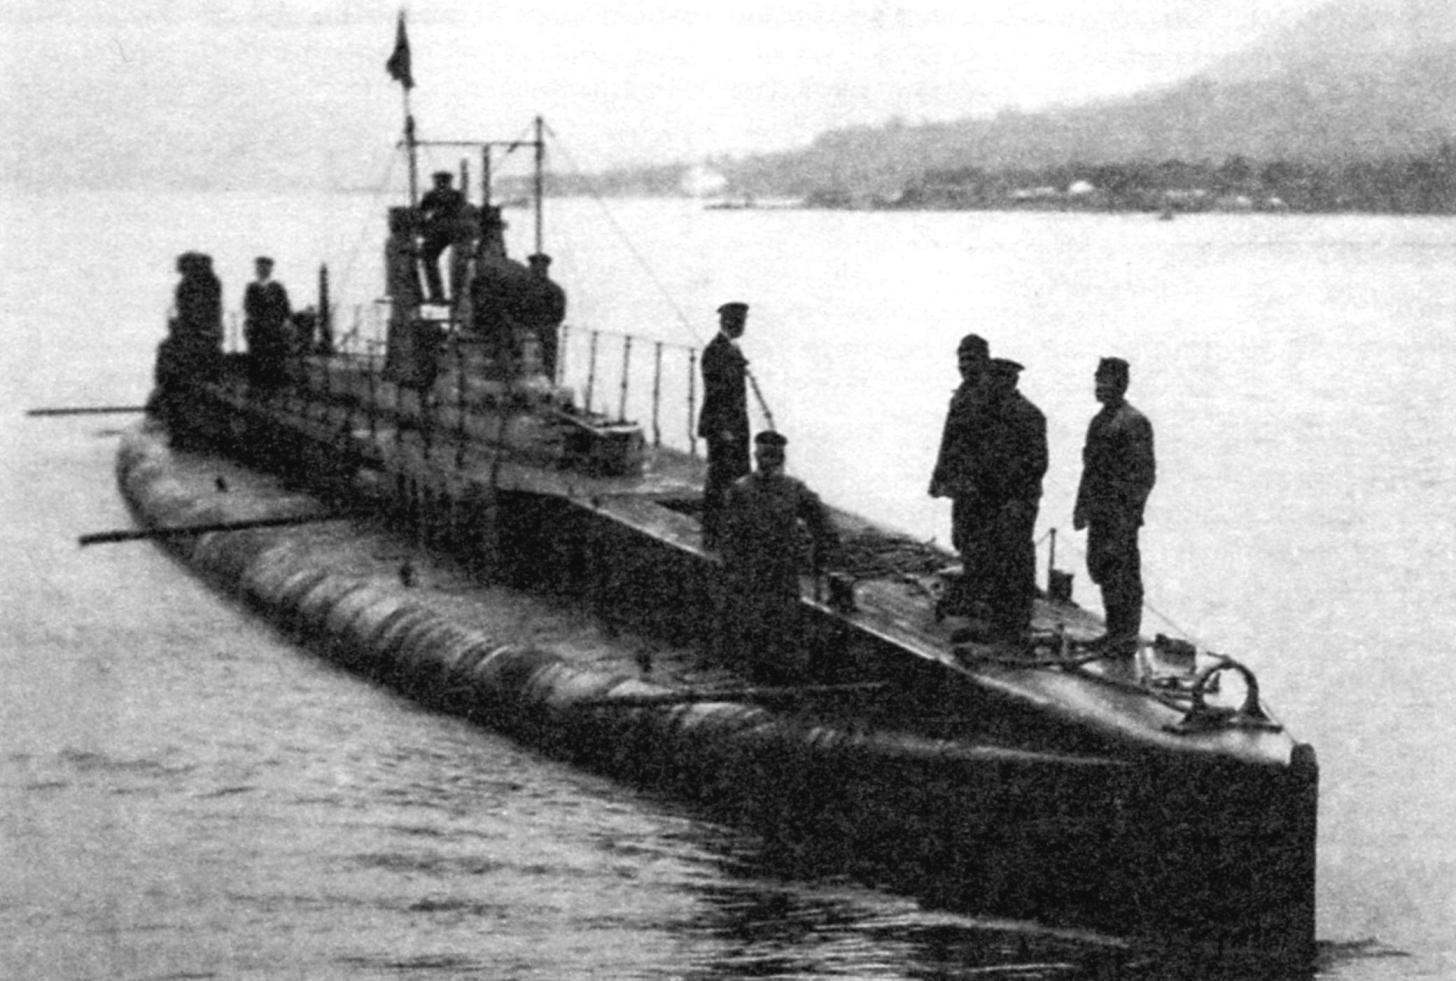 Подводная лодка «U-14», Австро-Венгрия, 1915 г.